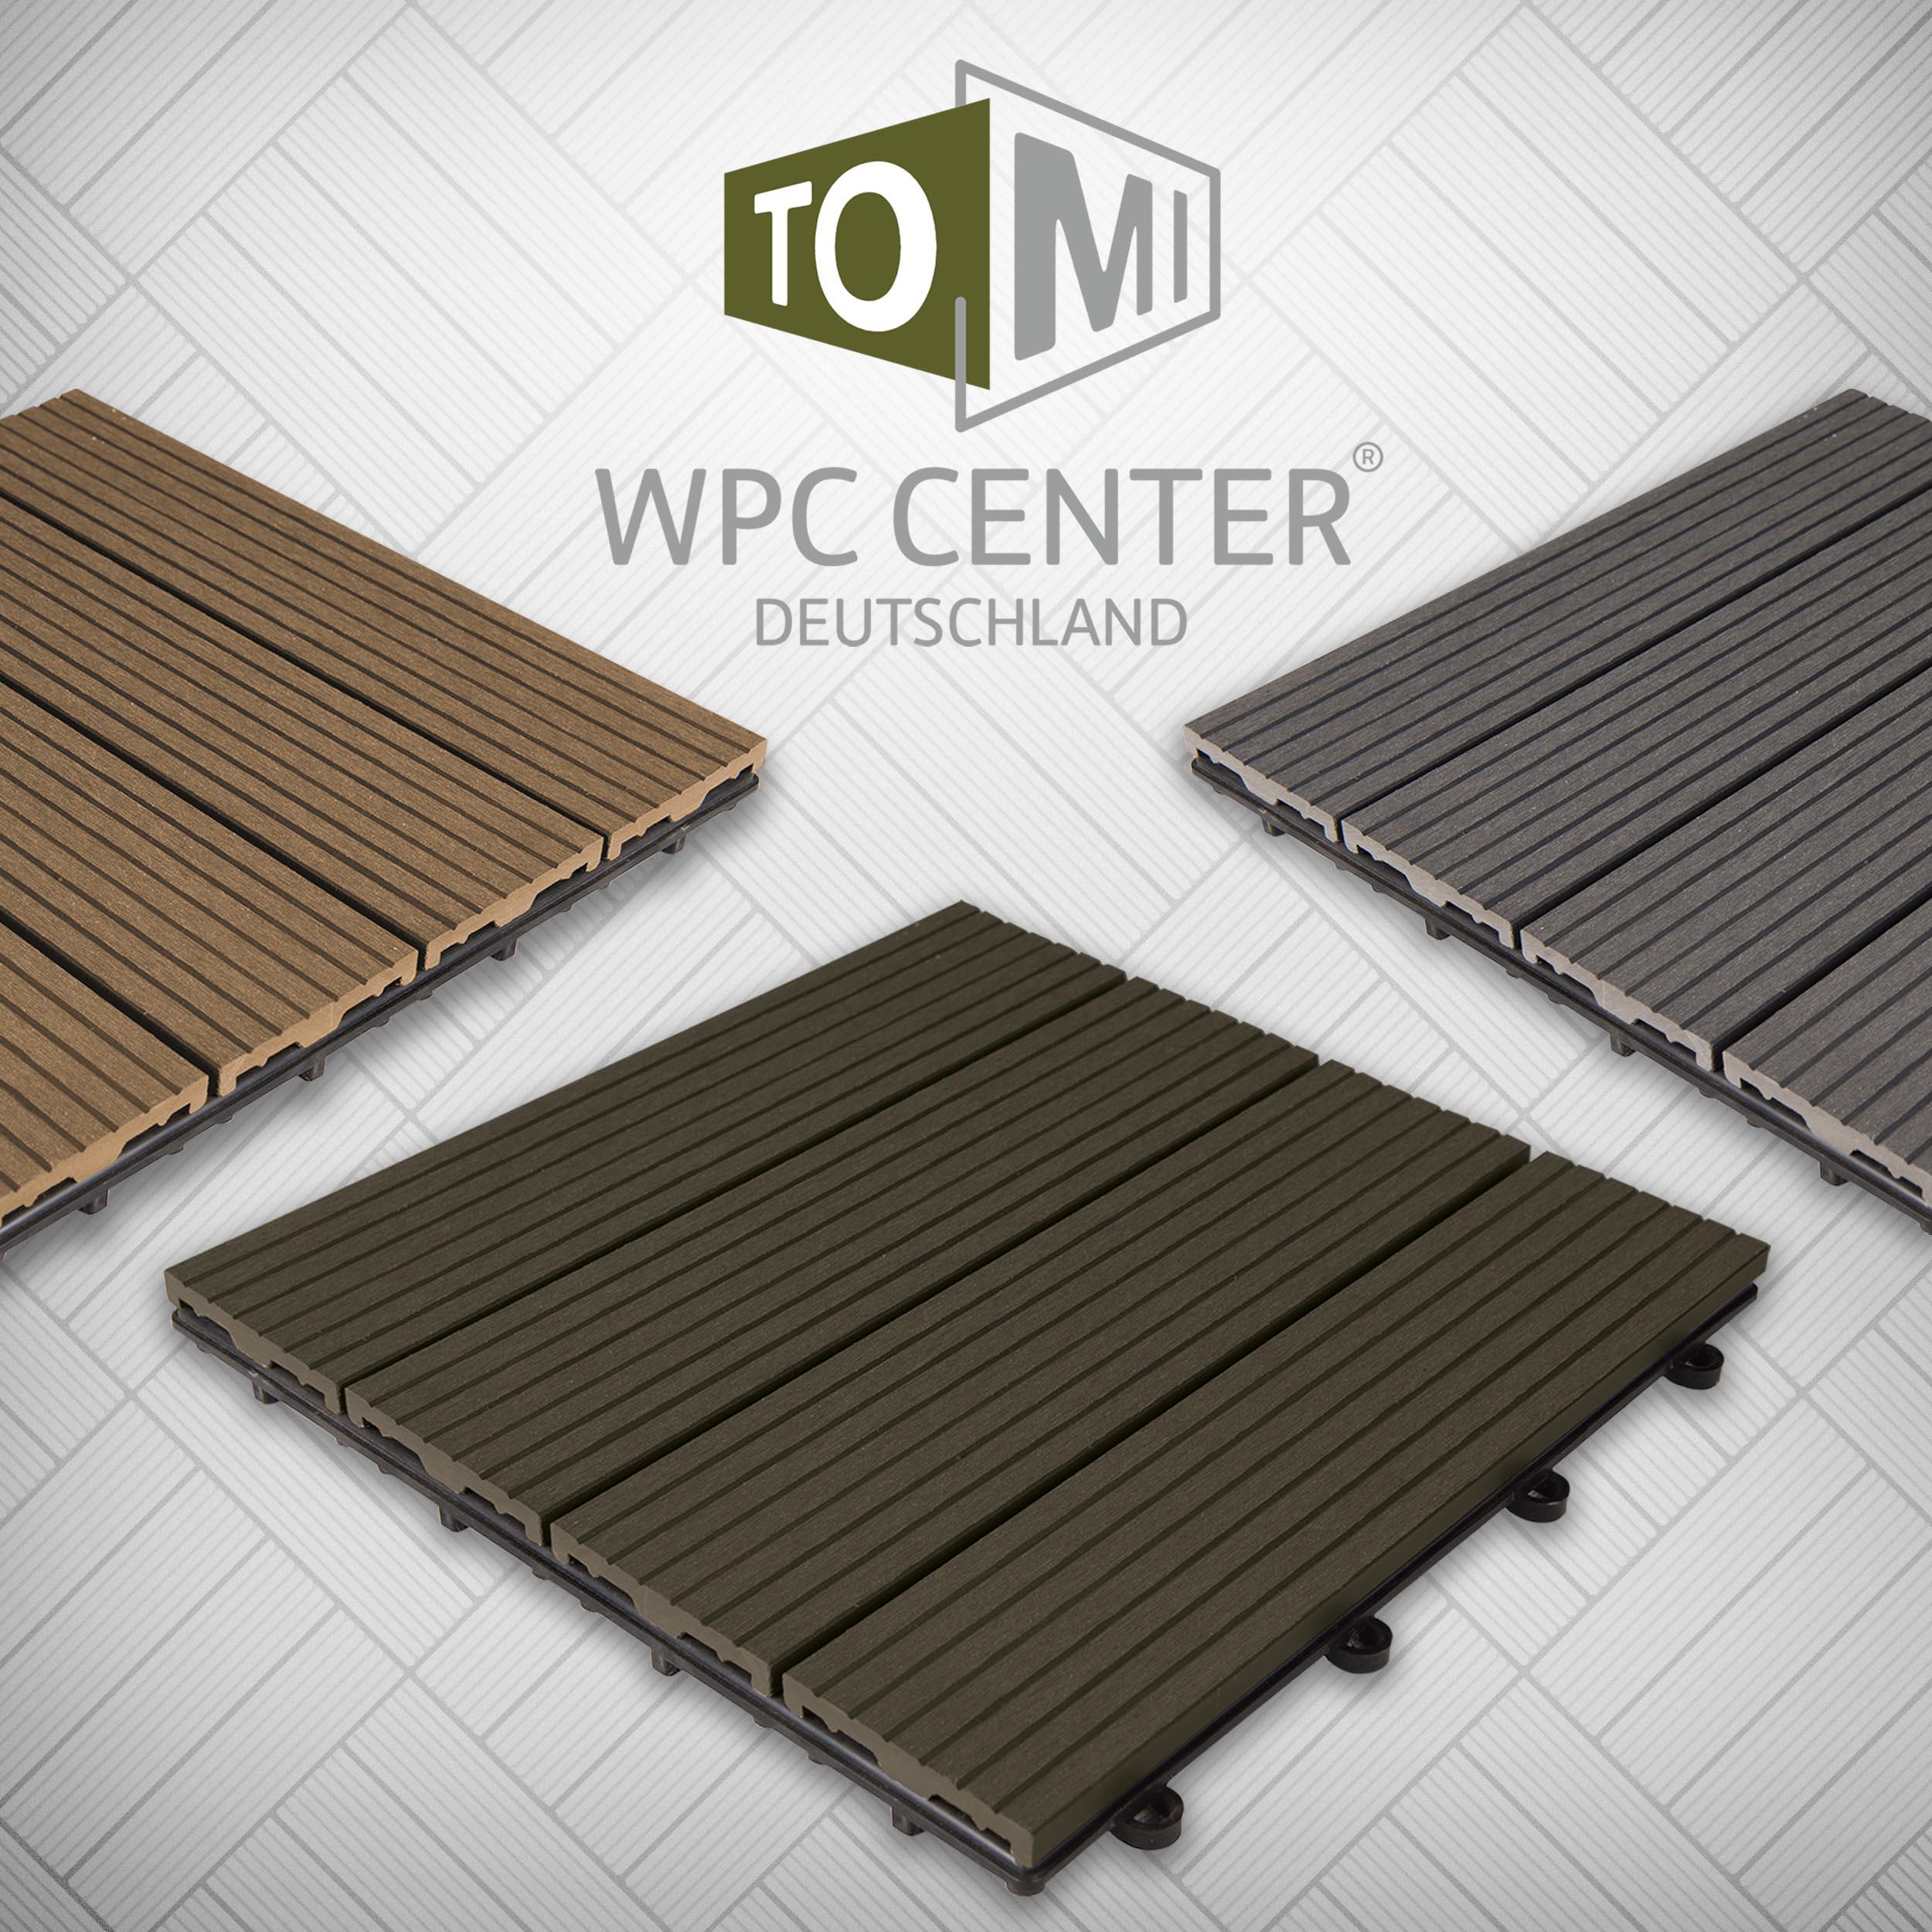 WPC Klickfliese Holzoptik 4 Dielen Design Anthrazit Braun Grau